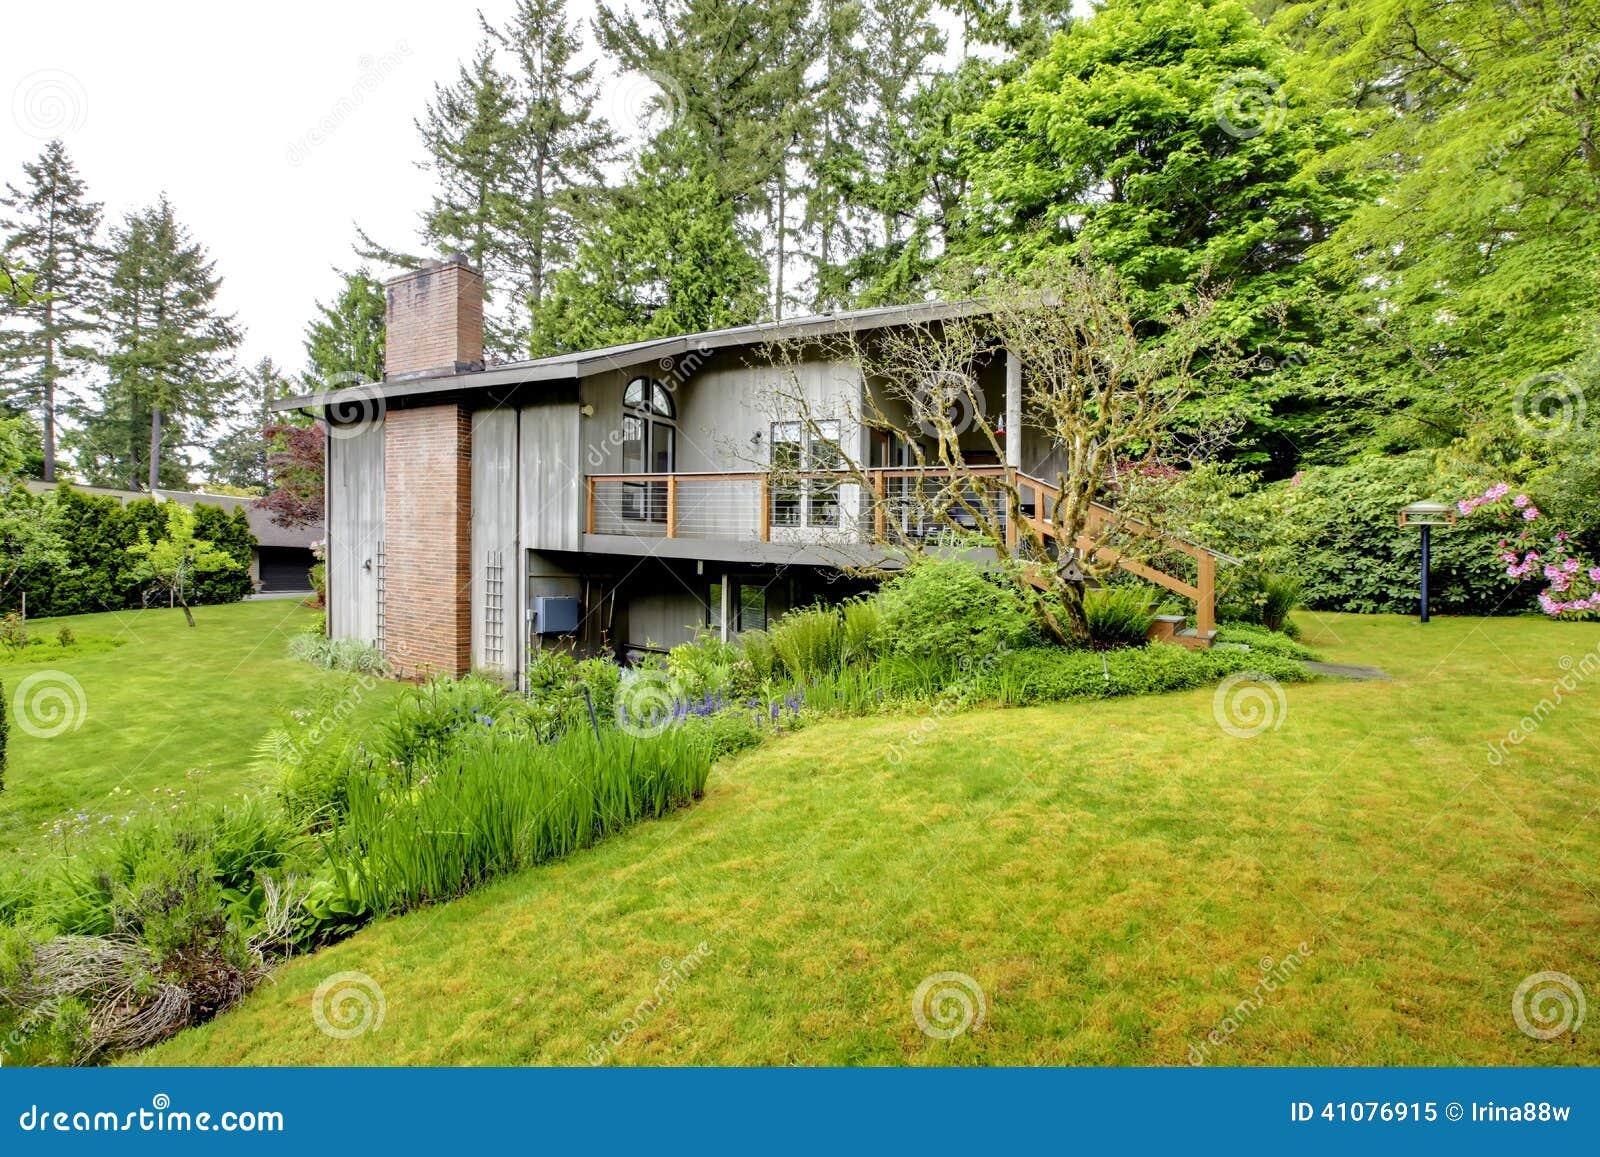 Casa con la chimenea del ladrillo foto de archivo imagen - La casa de la chimenea ...